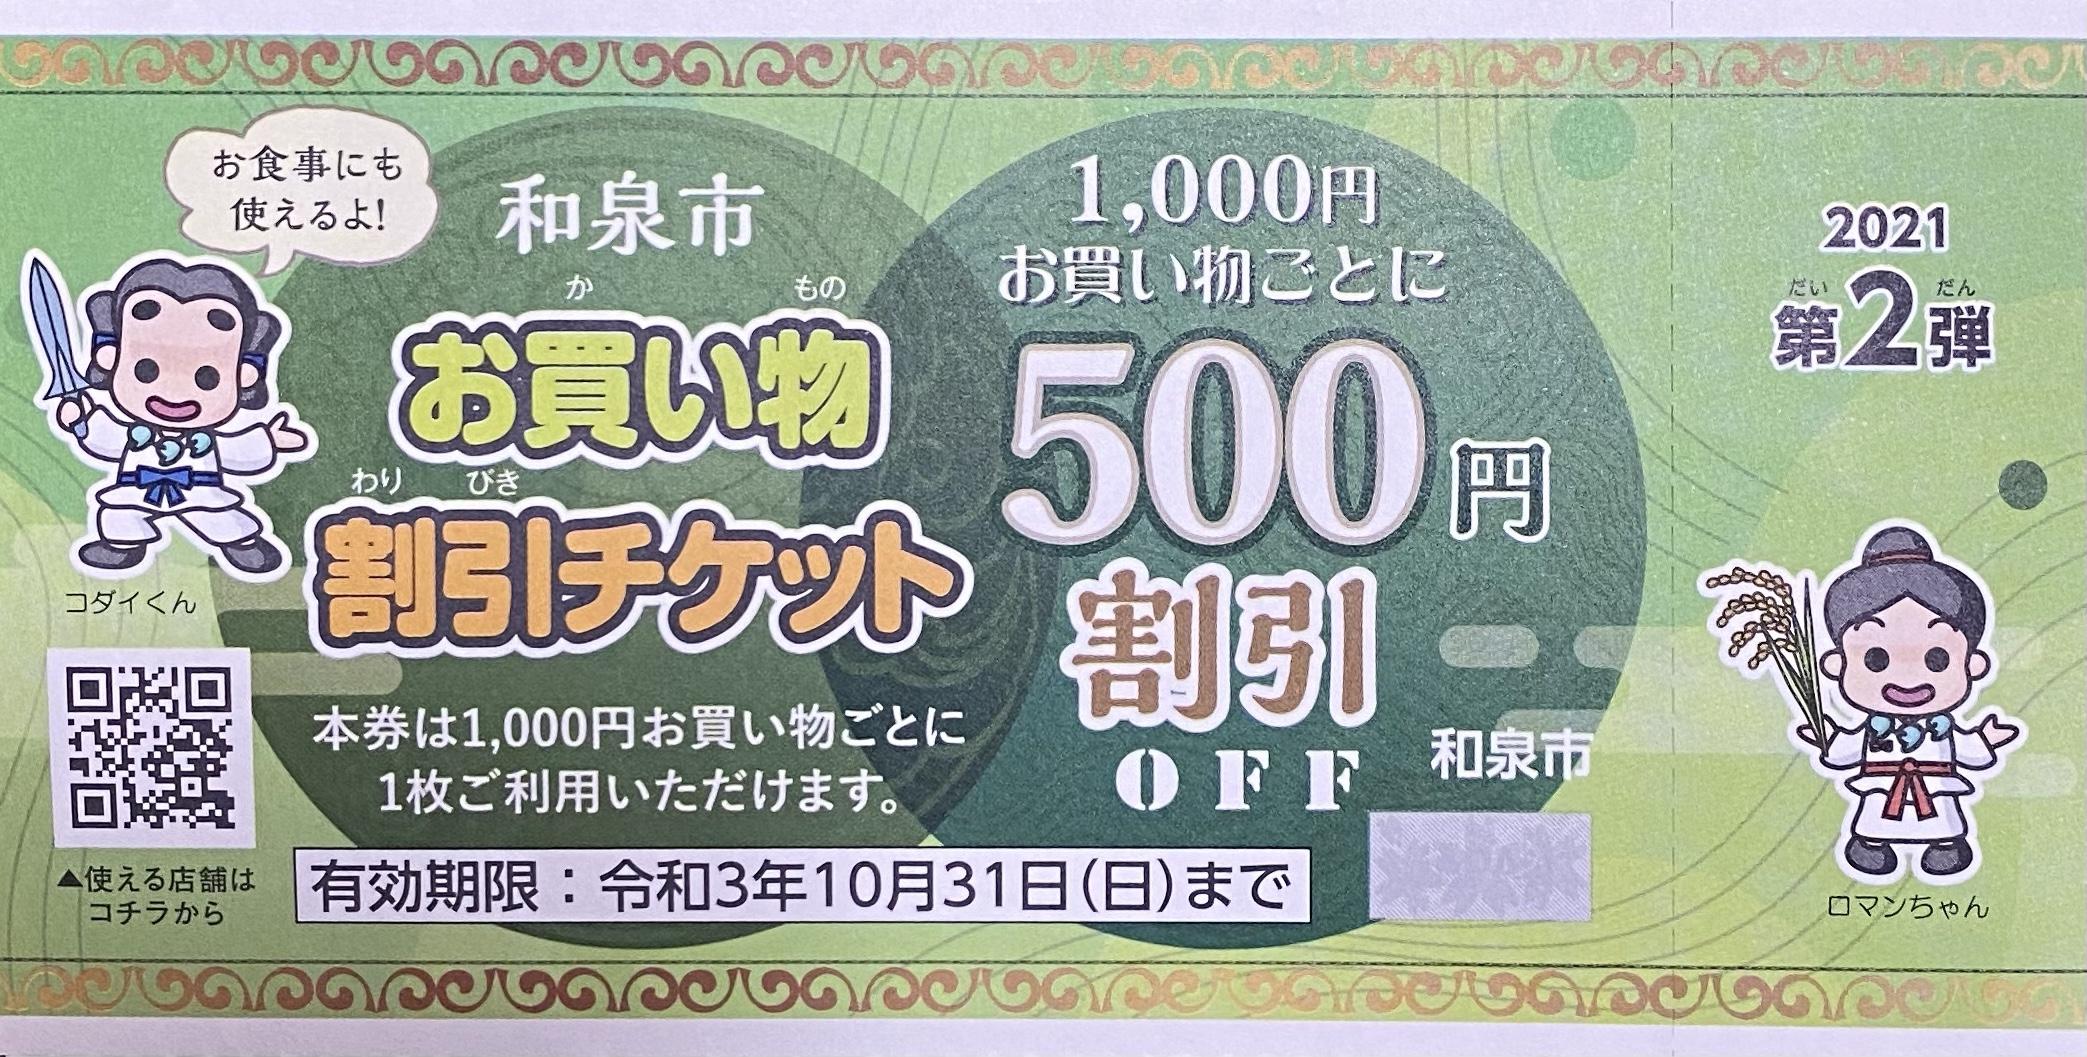 和泉市お買い物割引チケット 第2弾